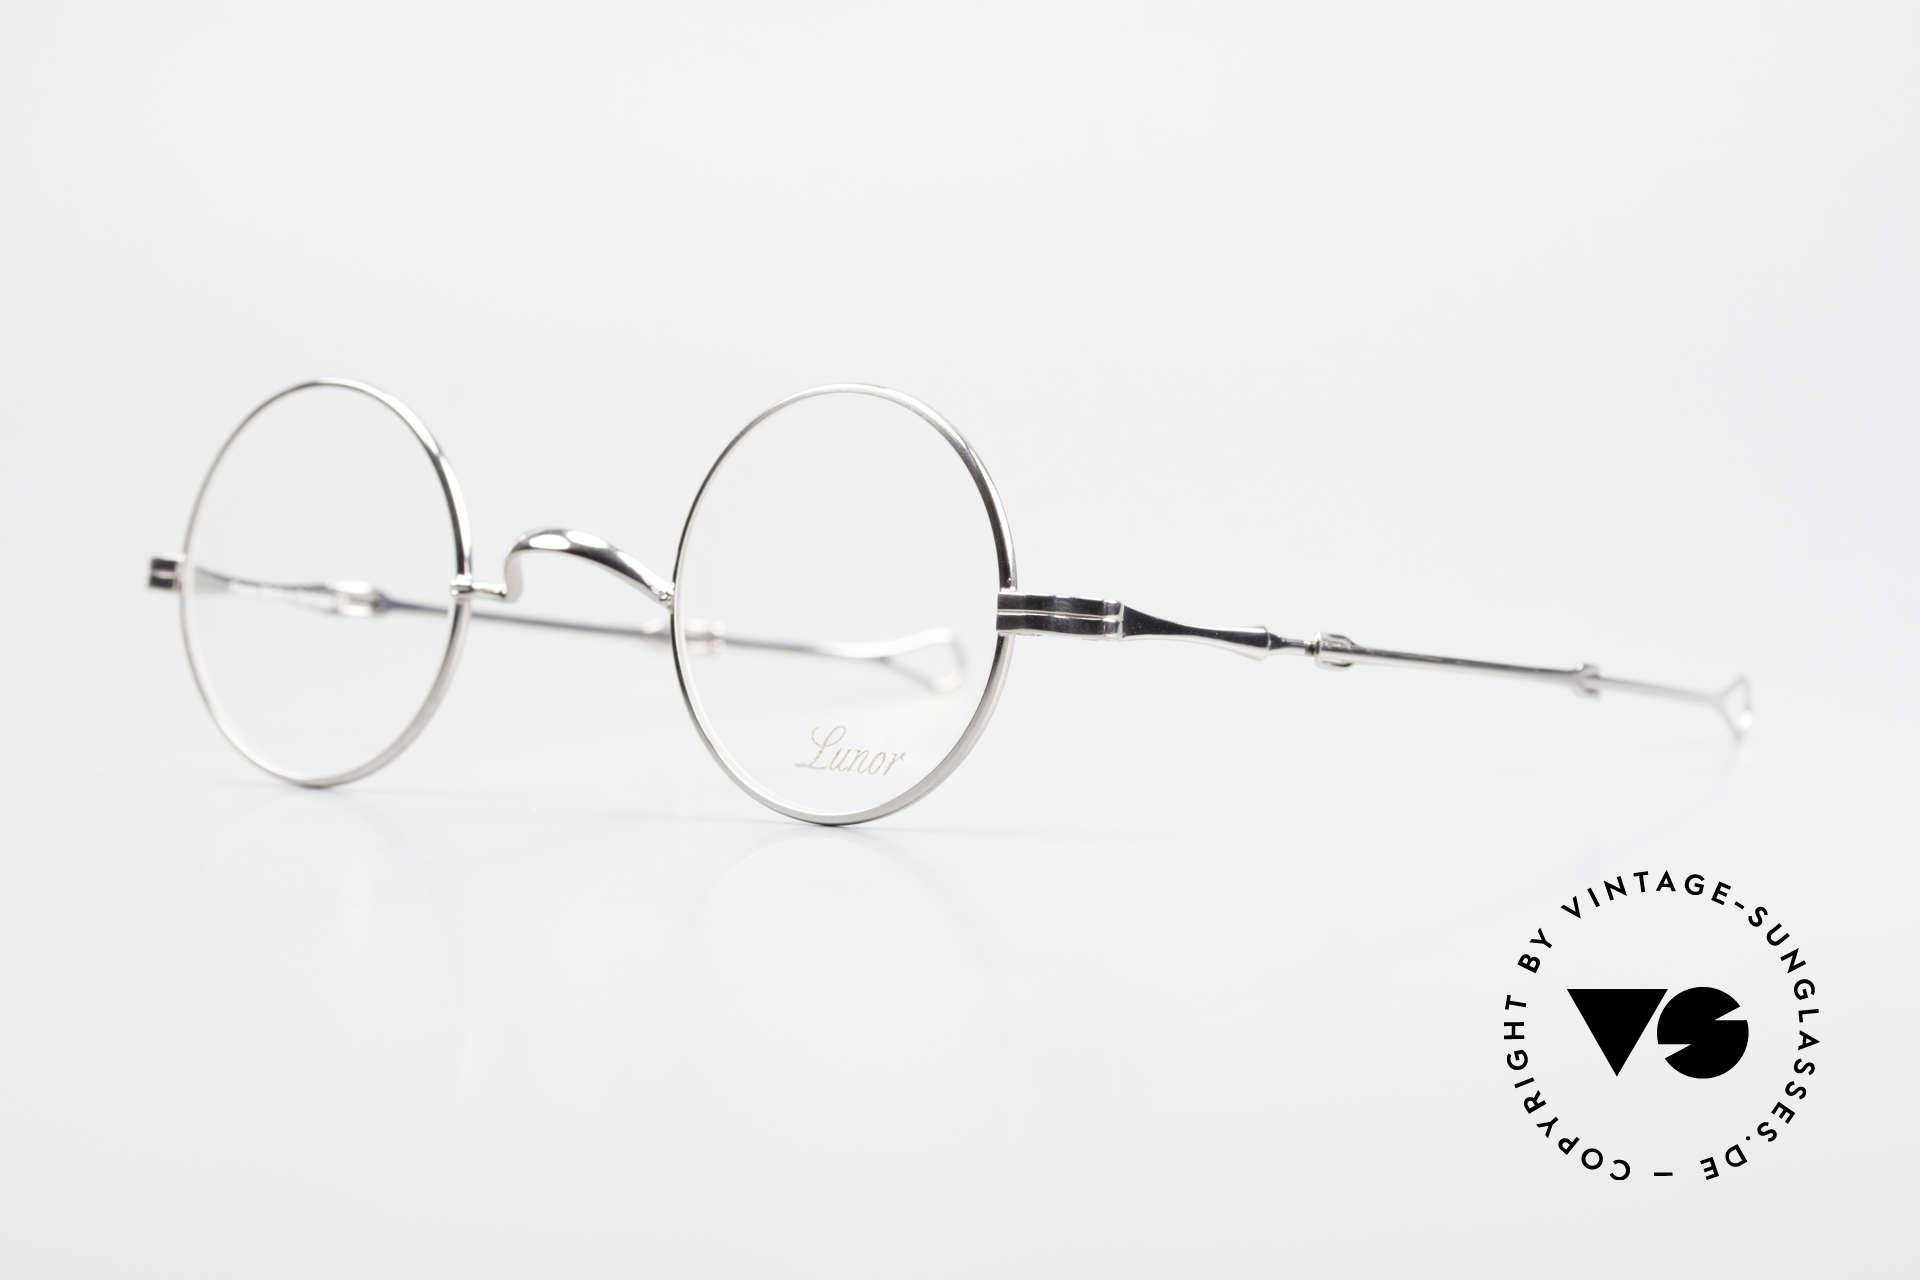 Lunor I 12 Telescopic Runde Schiebebügel Brille, Brillendesign in Anlehnung an frühere Jahrhunderte, Passend für Herren und Damen